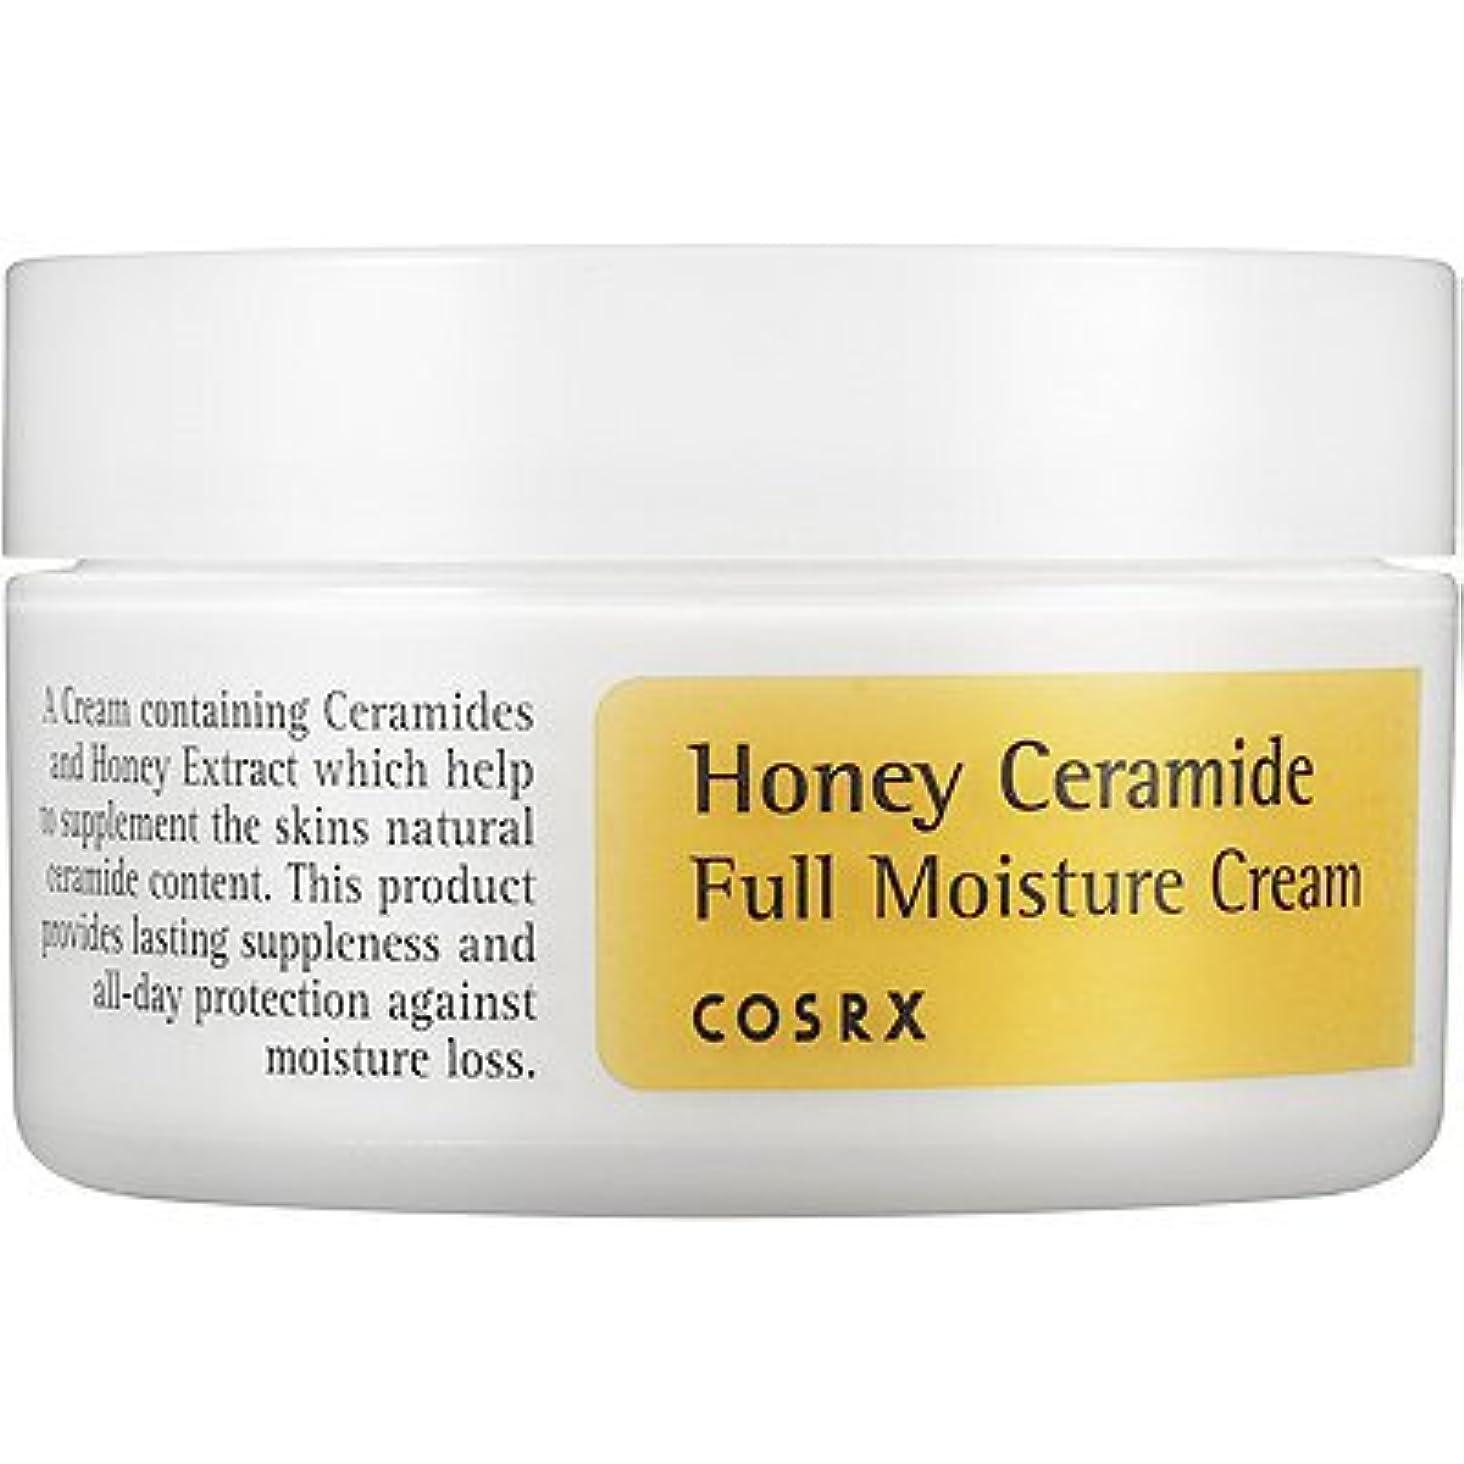 哀れなスクリュー生むCOSRX Honey Ceramide Full Moisture Cream 50g/ハニーセラミド フル モイスチャークリーム -50g [並行輸入品]